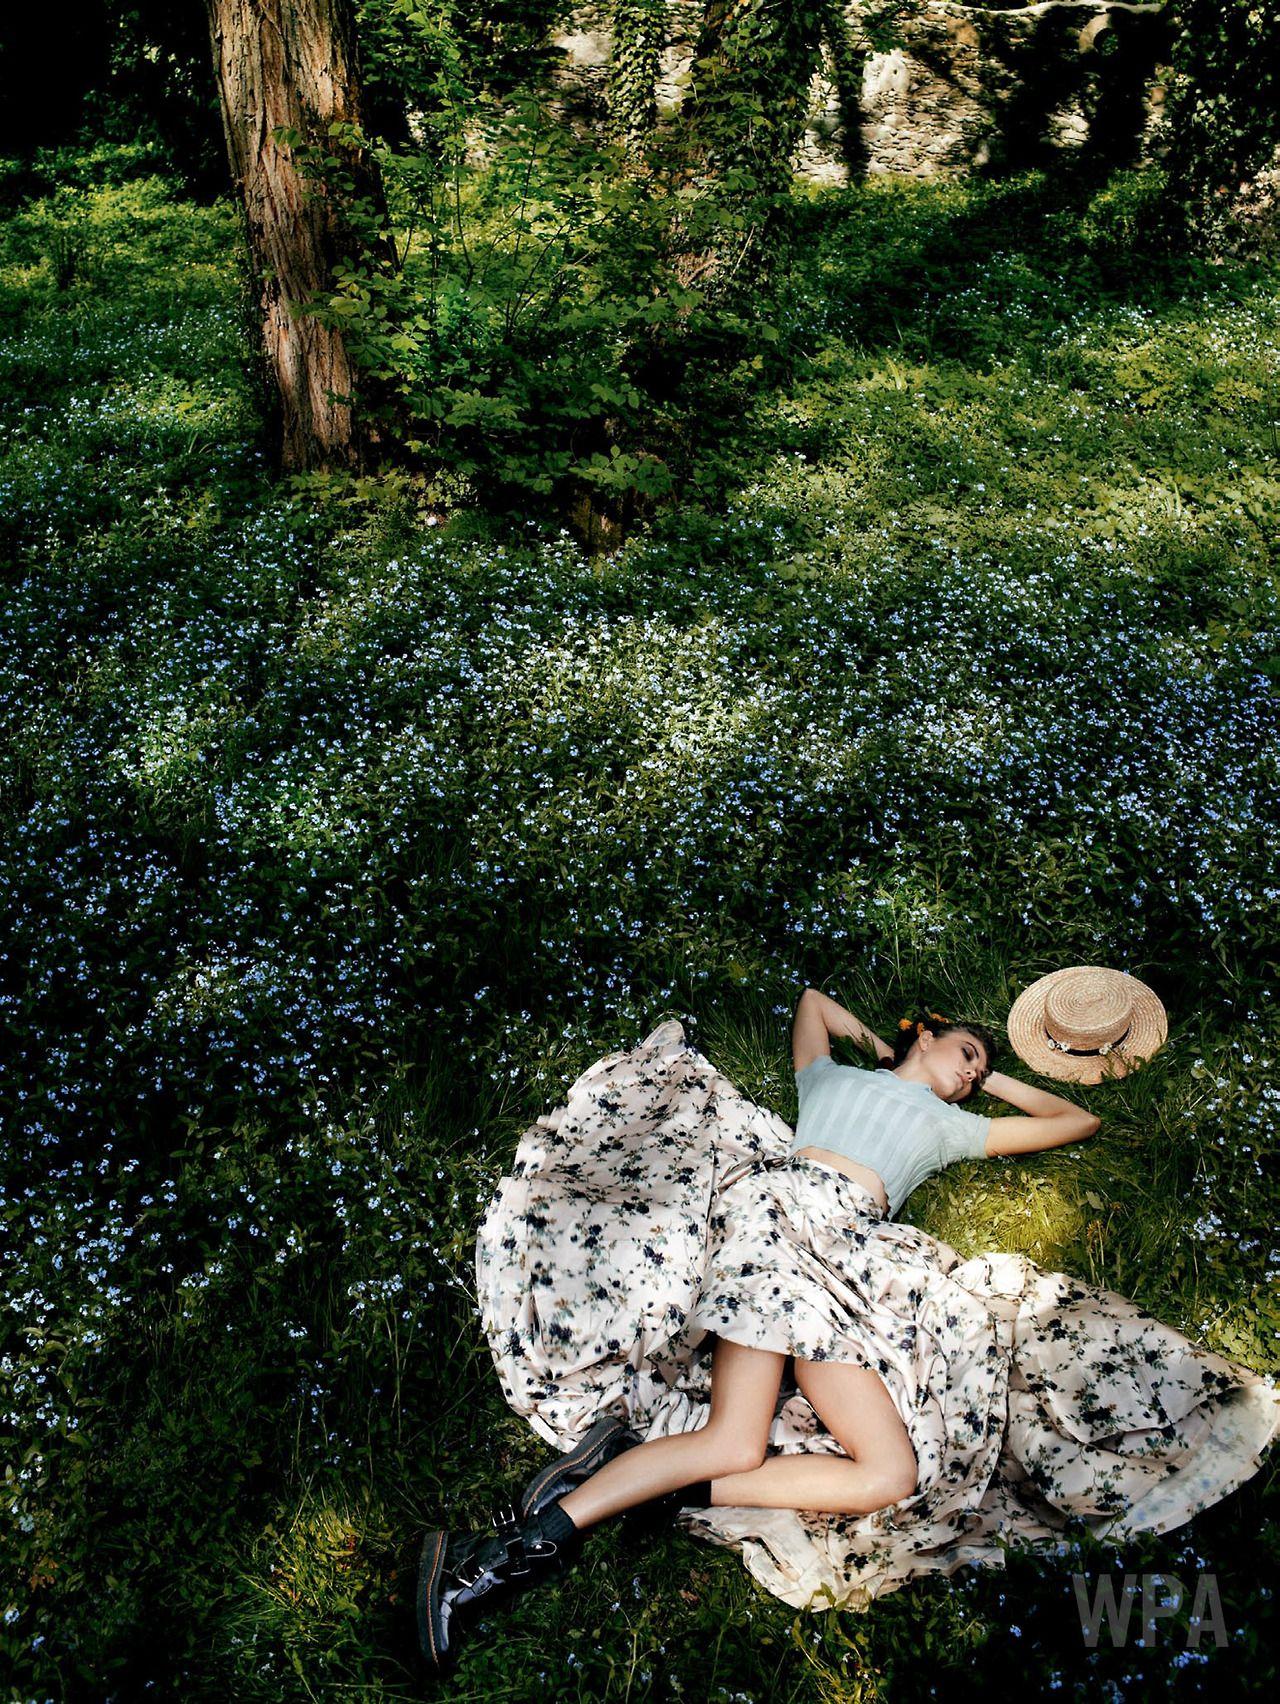 Karlie Kloss by Mario Testino